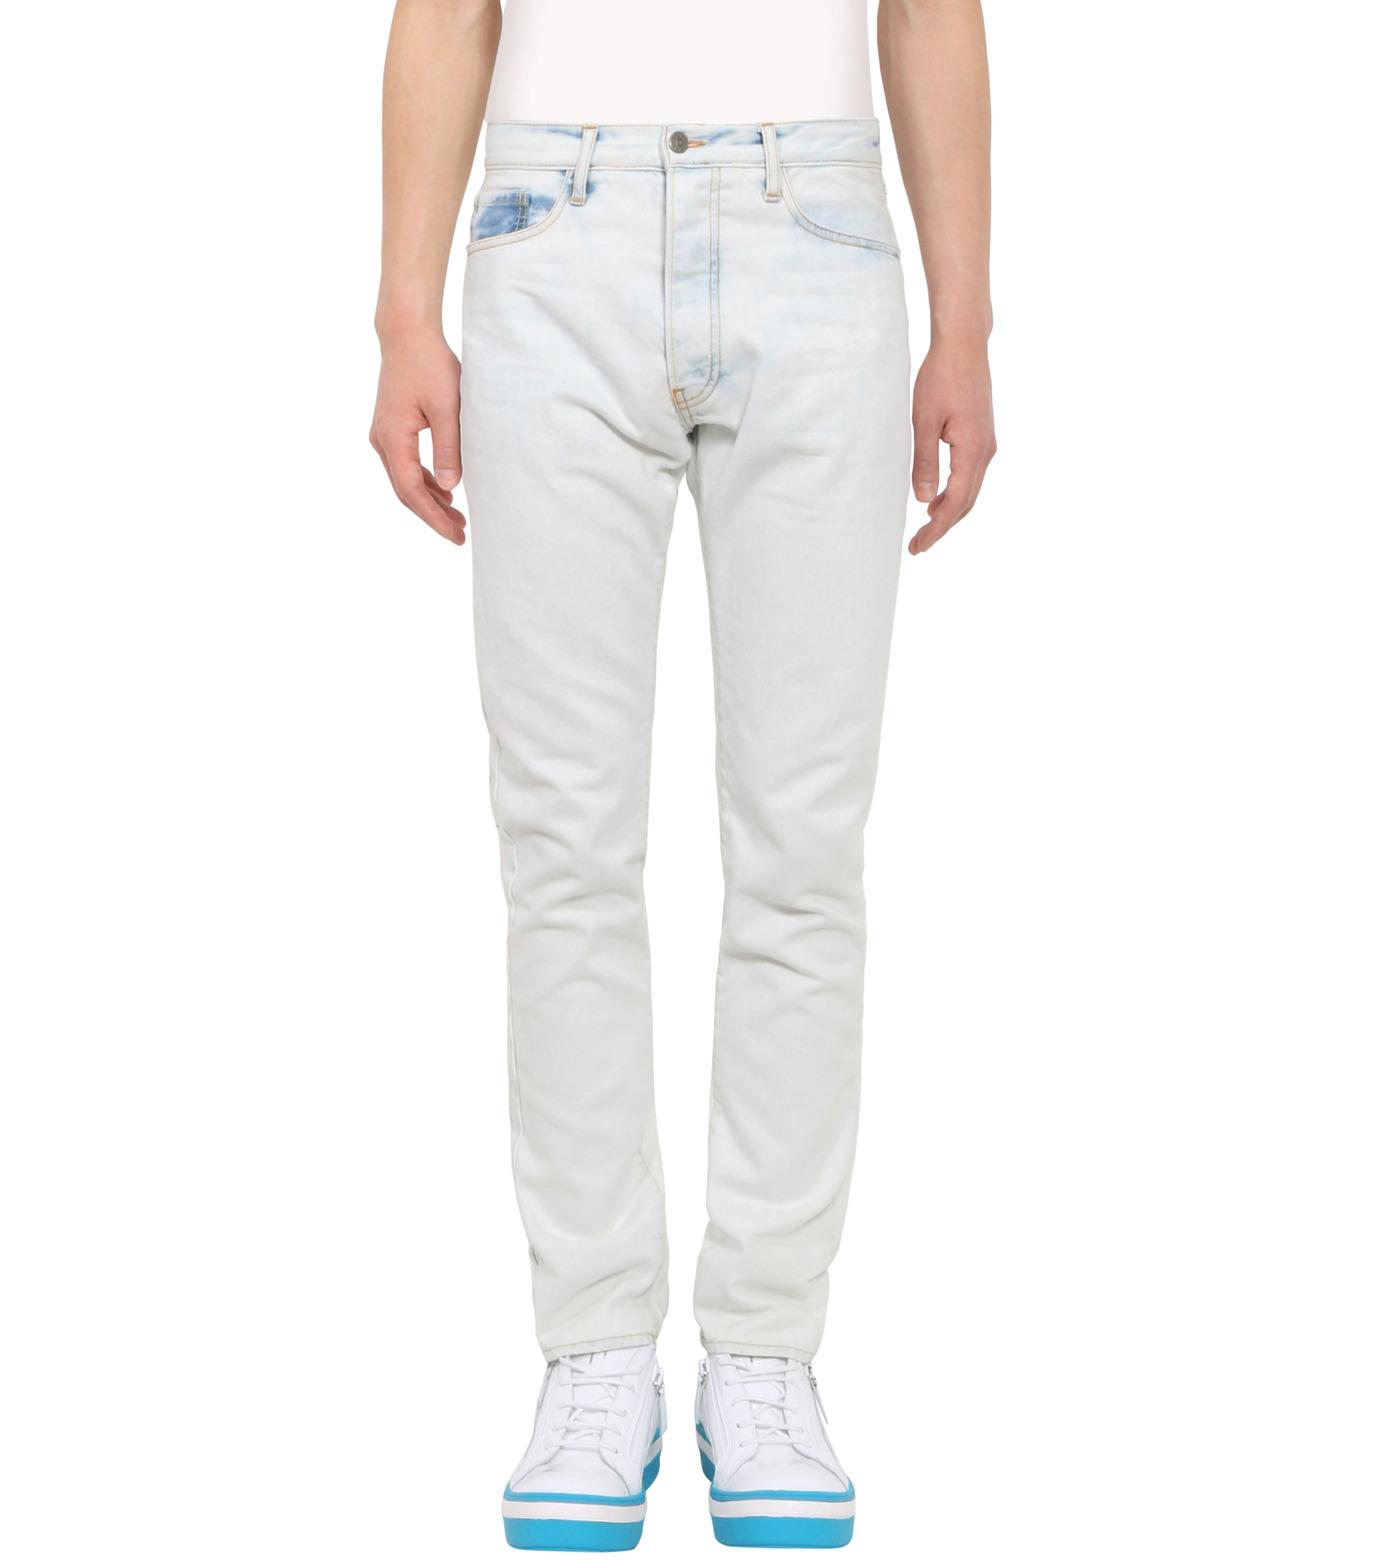 ROUNDEL LONDON(ラウンデル ロンドン)のSUBURBAN DNM-WHITE(パンツ/pants)-SMRLAM60057-4 拡大詳細画像1